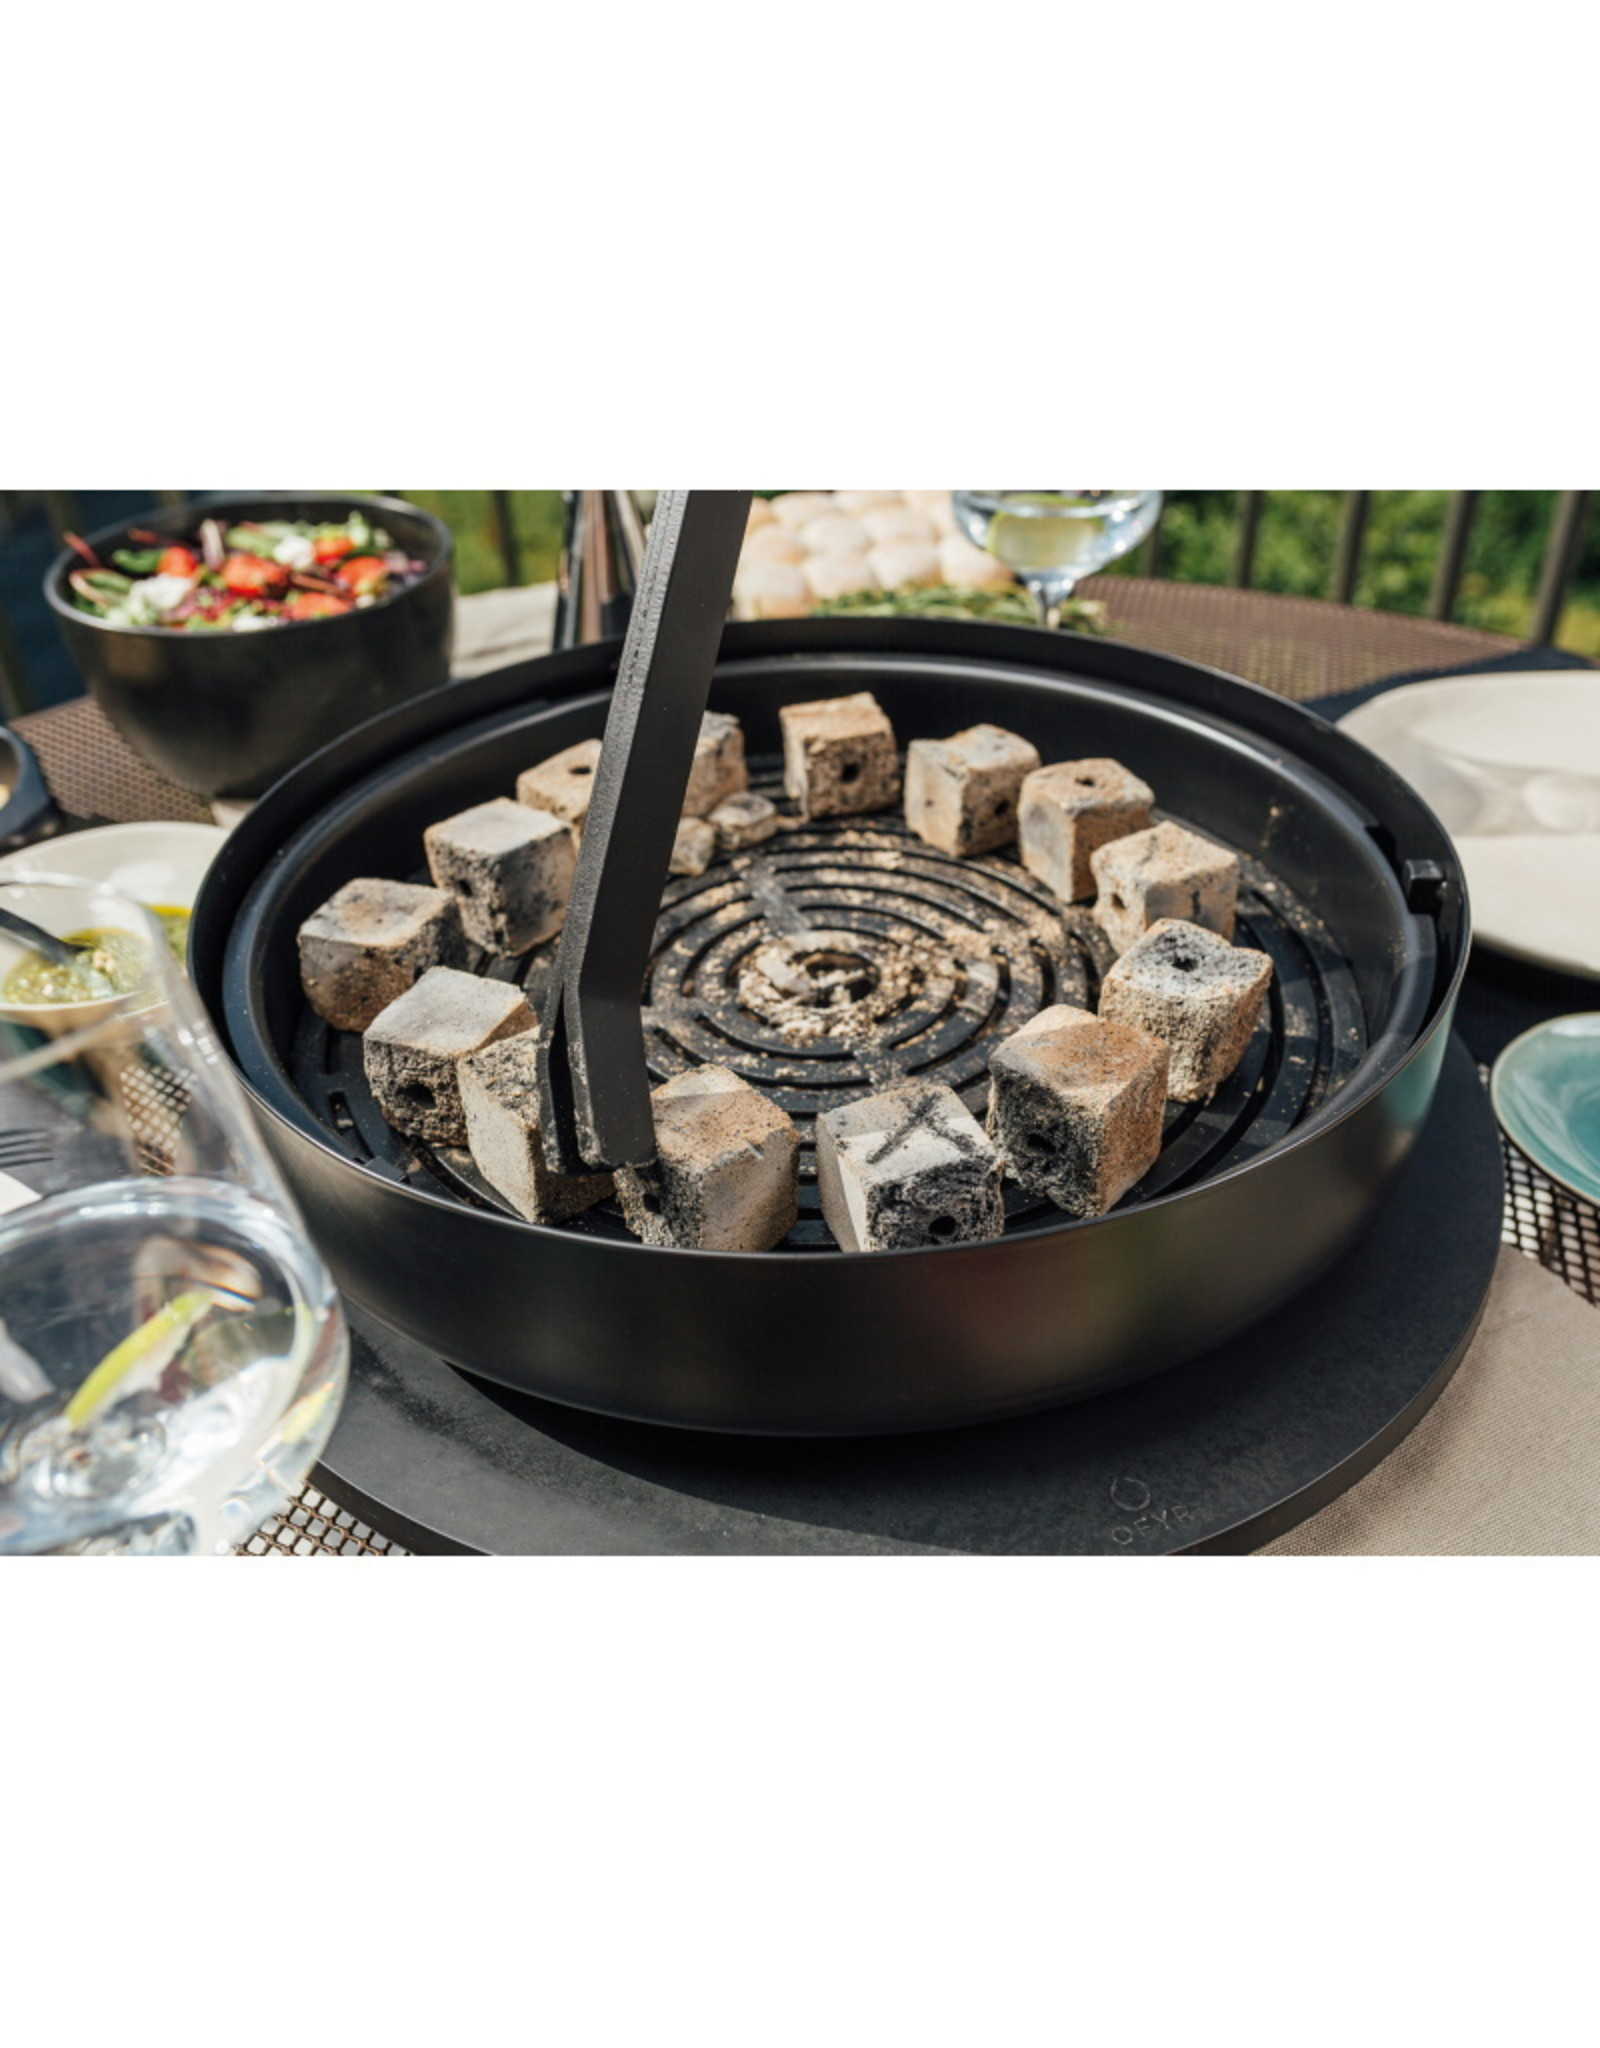 OFYR Coconut Briquettes